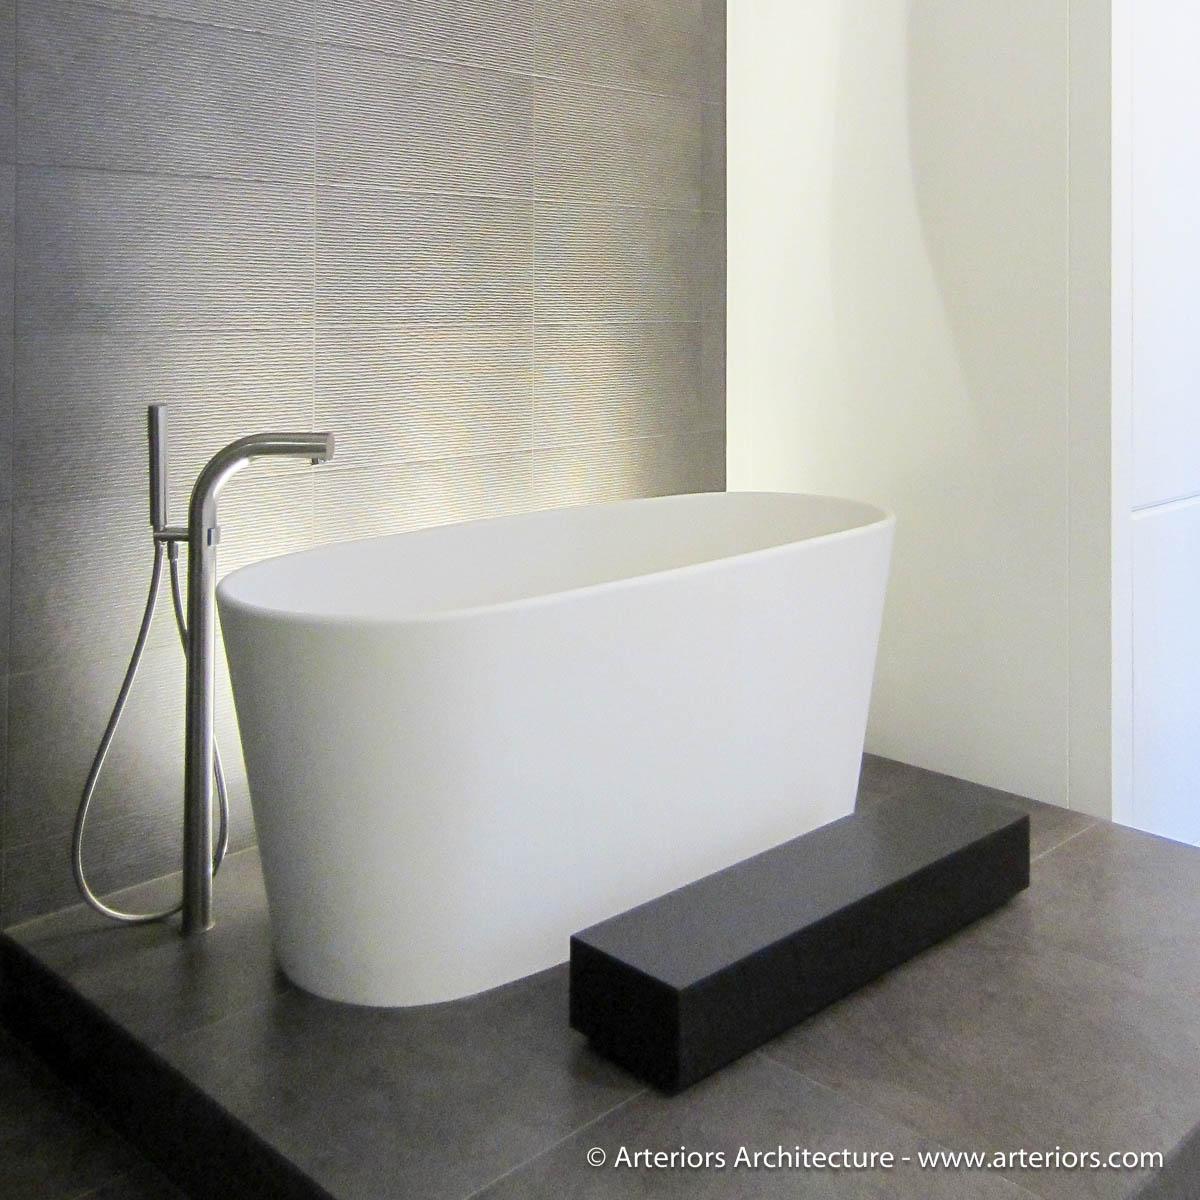 Minimal Bathroom Tub - Arteriors Architects - Tim Bjella